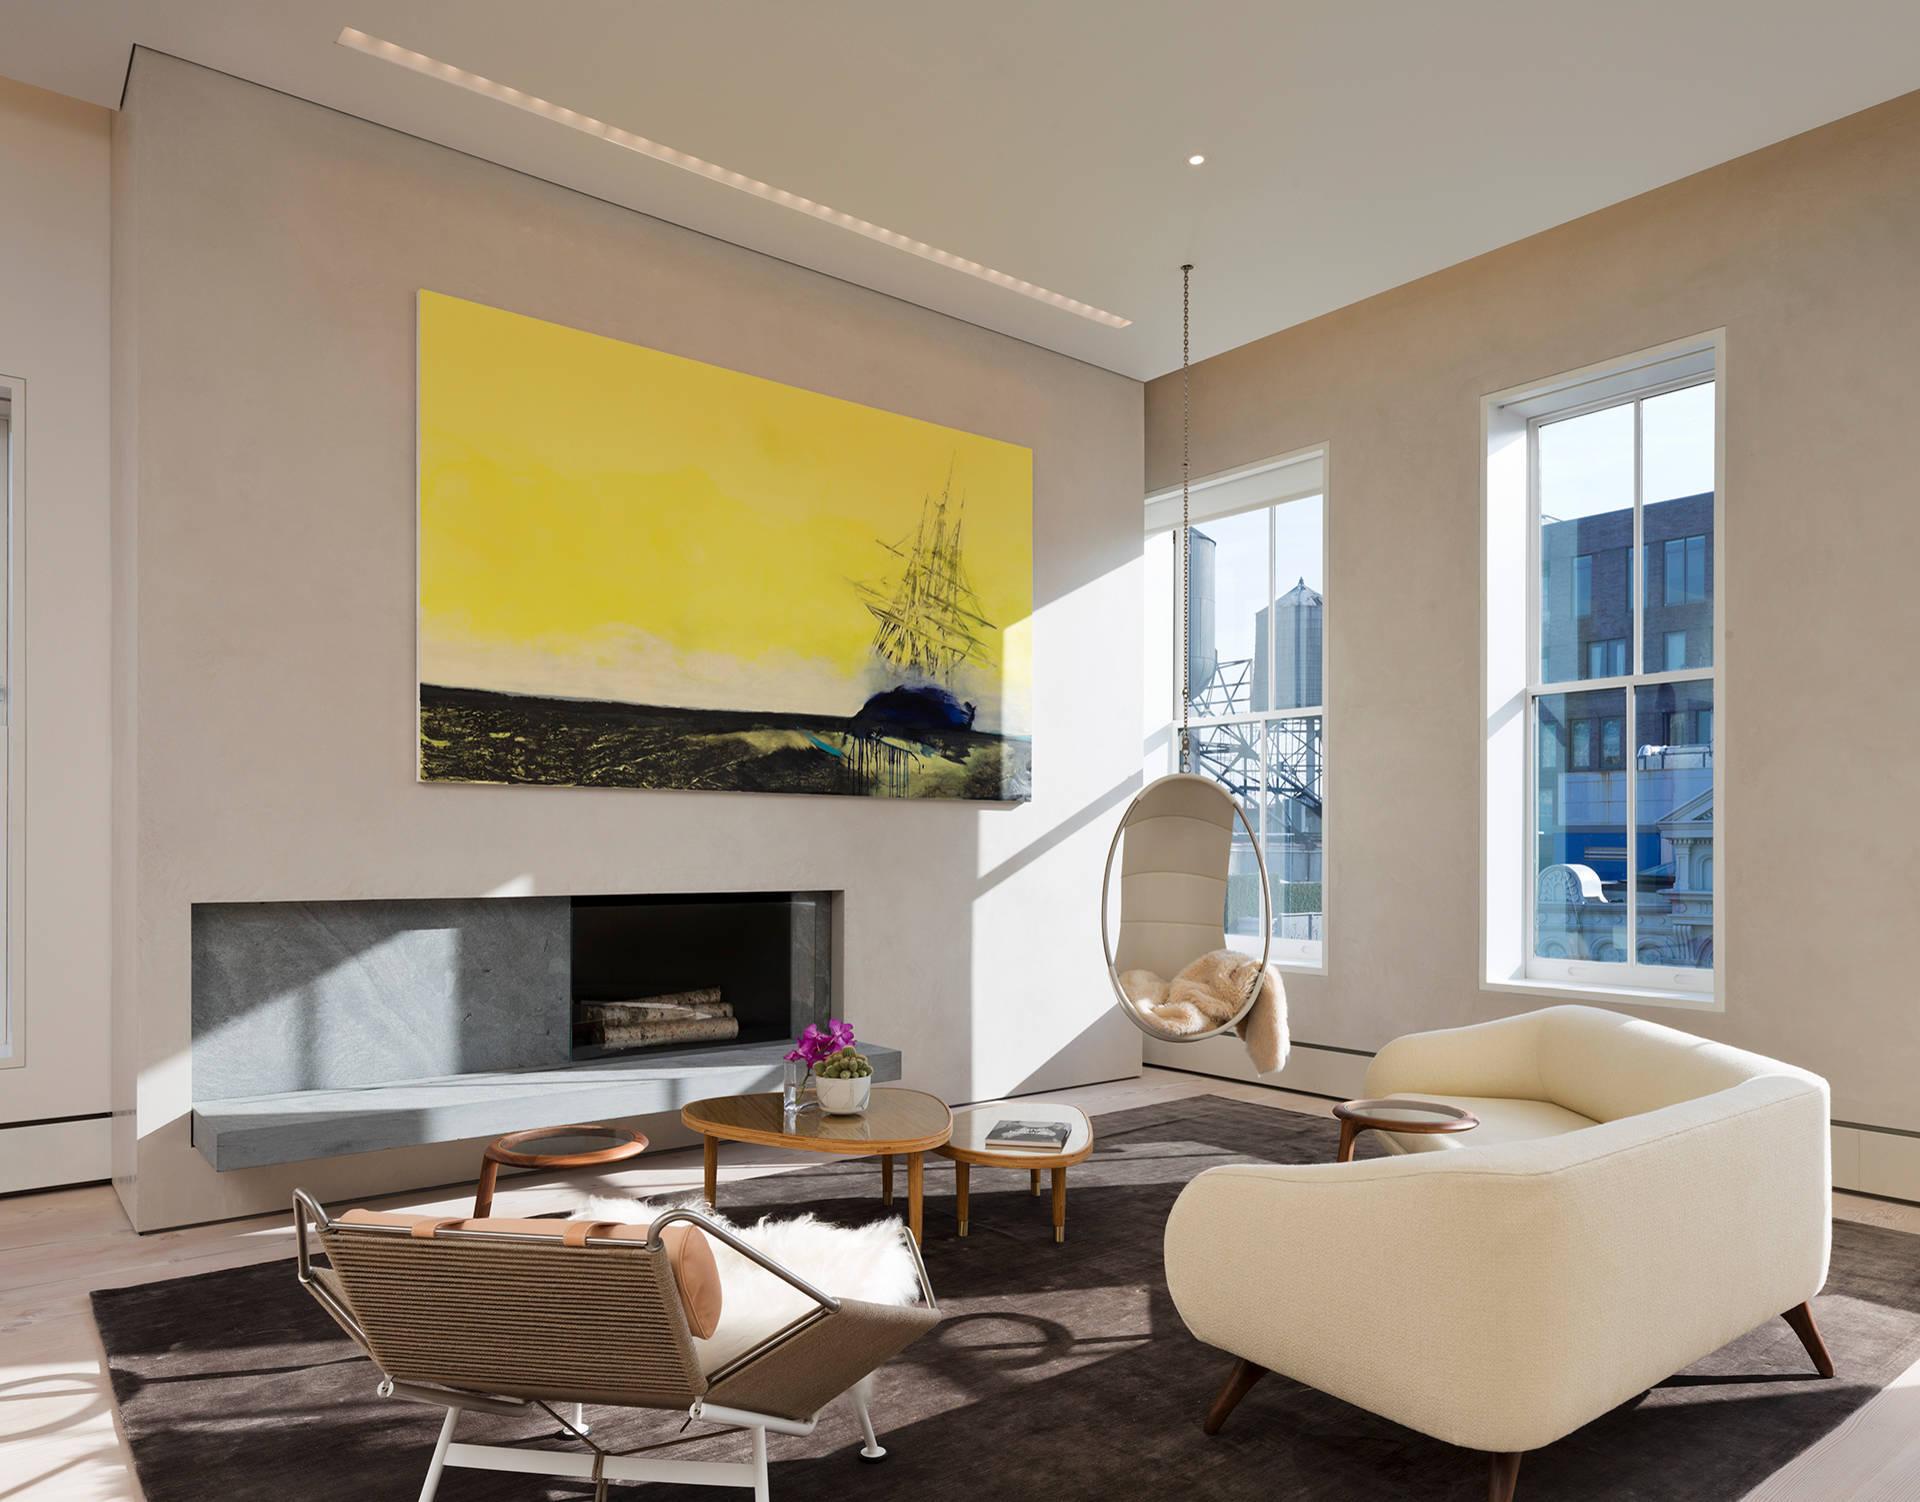 Gemälde für Zuhause und bestehende Dekoration zu einer harmonischen Einheit verbinden